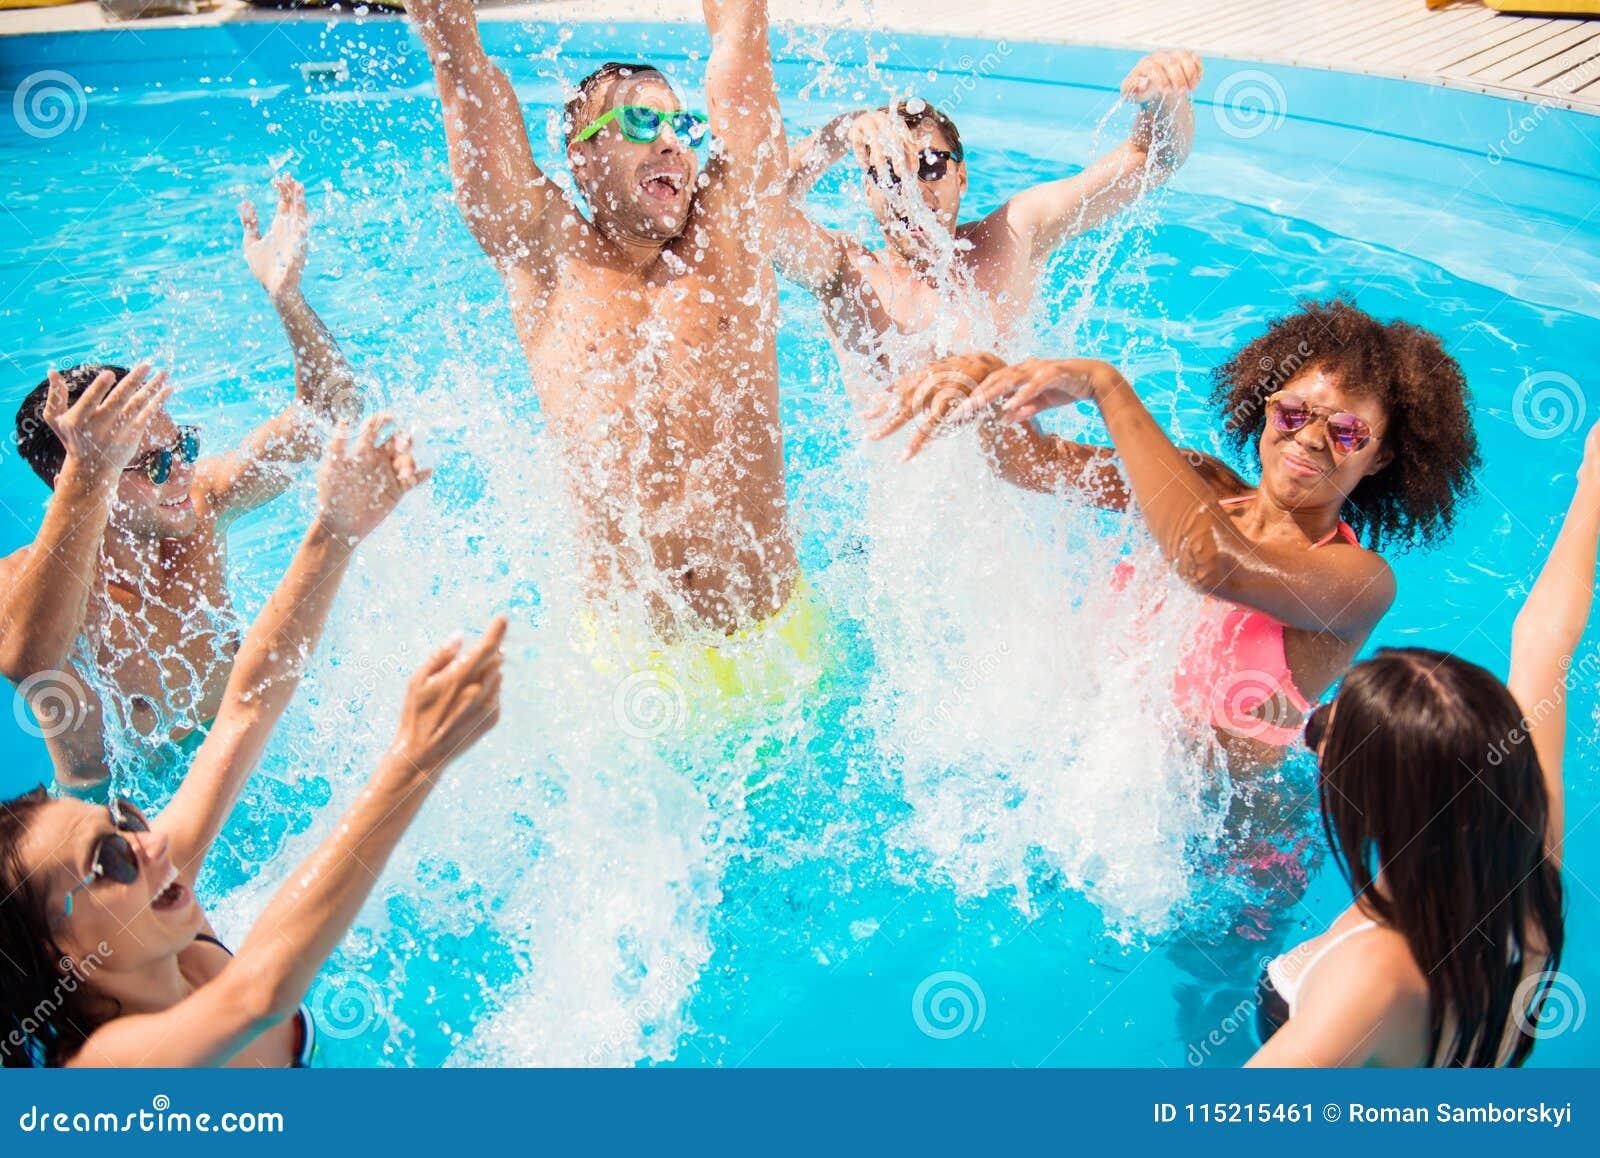 Ga gek in het water! Verdelen en gaat krankzinnig! Gekke toeristen a